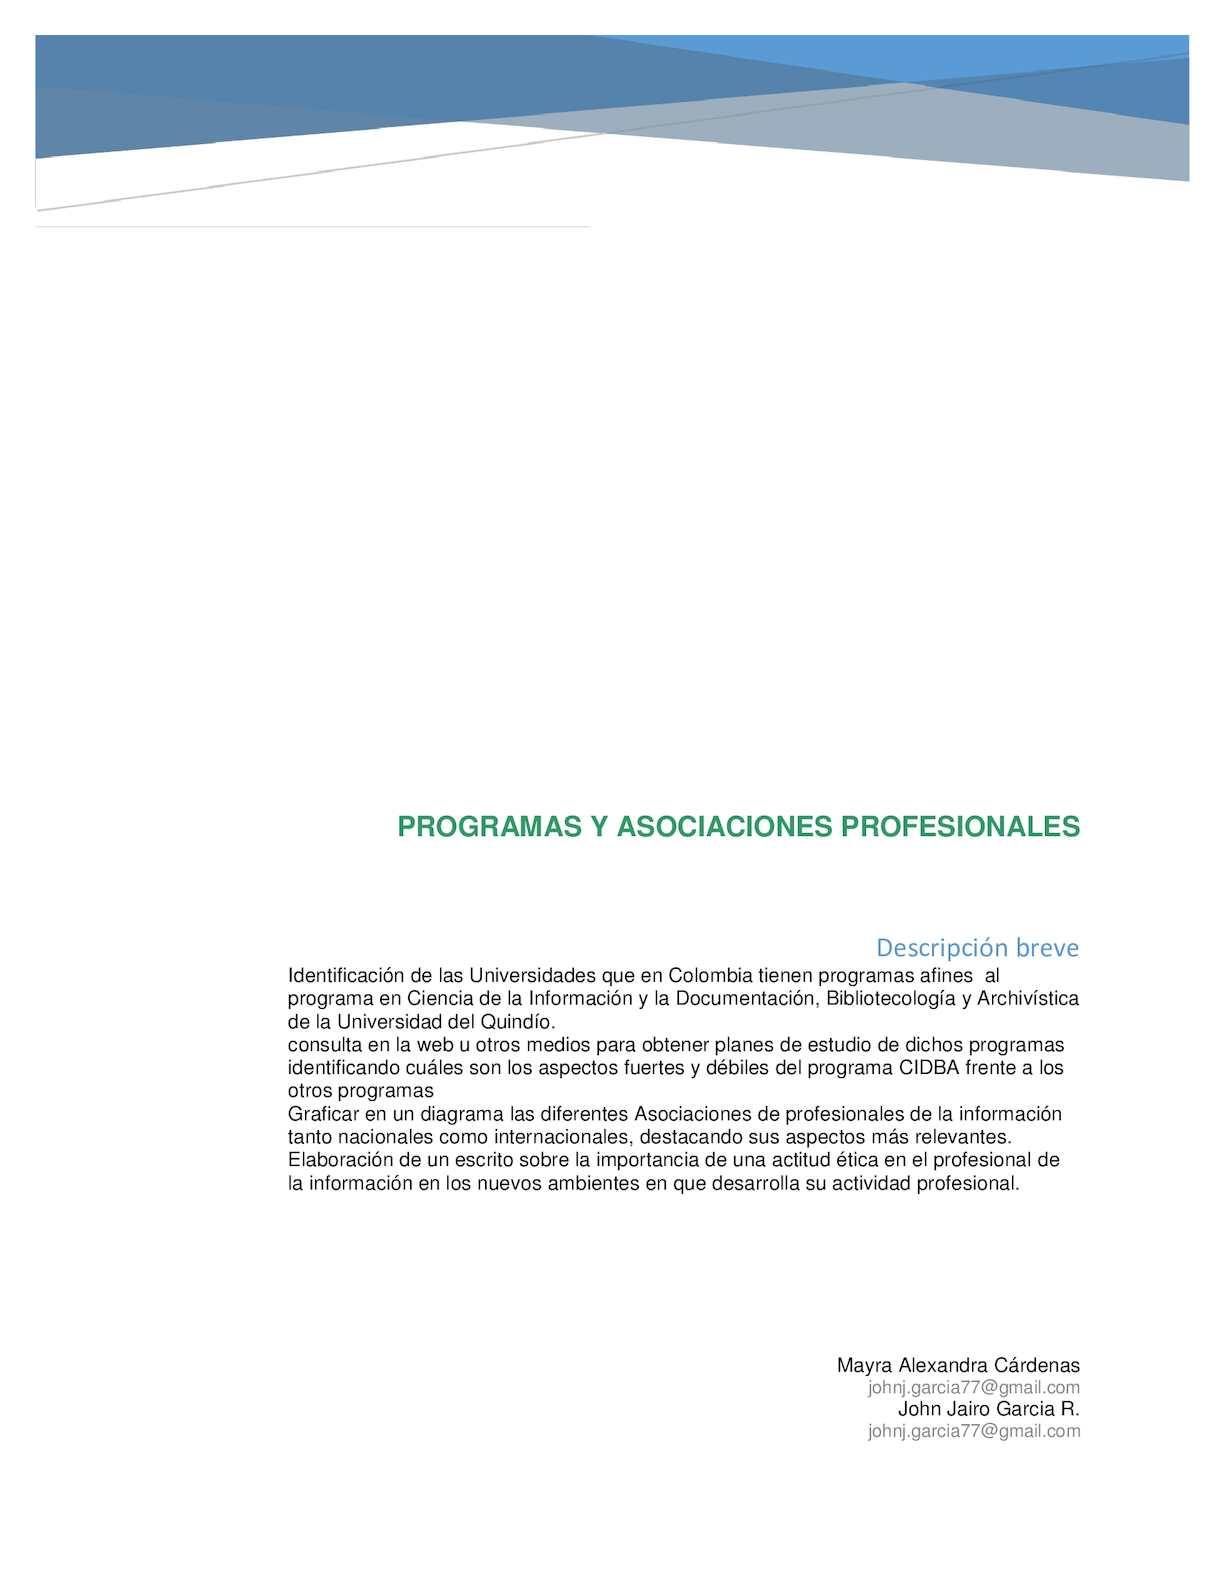 Programa Y Asociaciones Profesionales